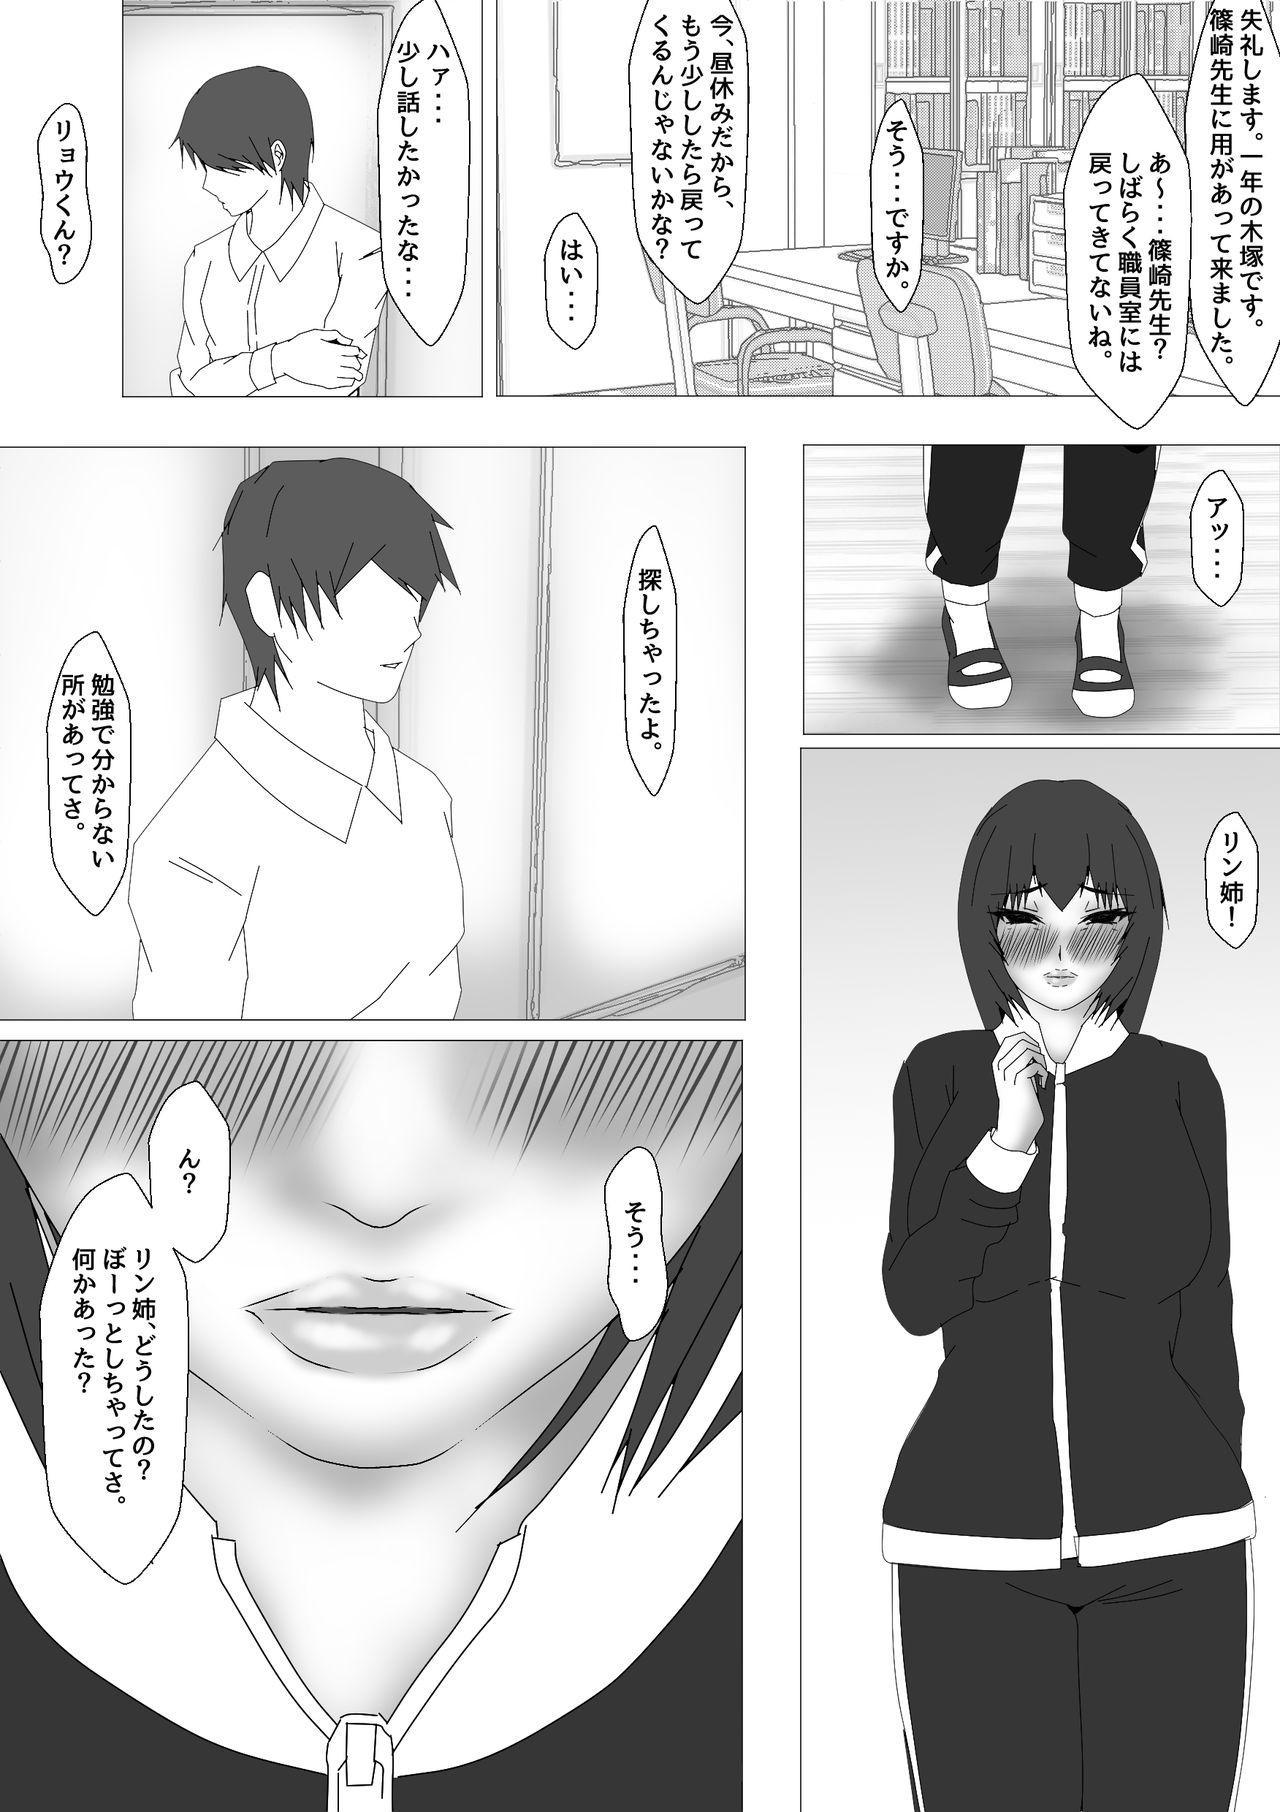 Onna Kyoushi Shinozaki Rin no Choukyou Kiroku 126